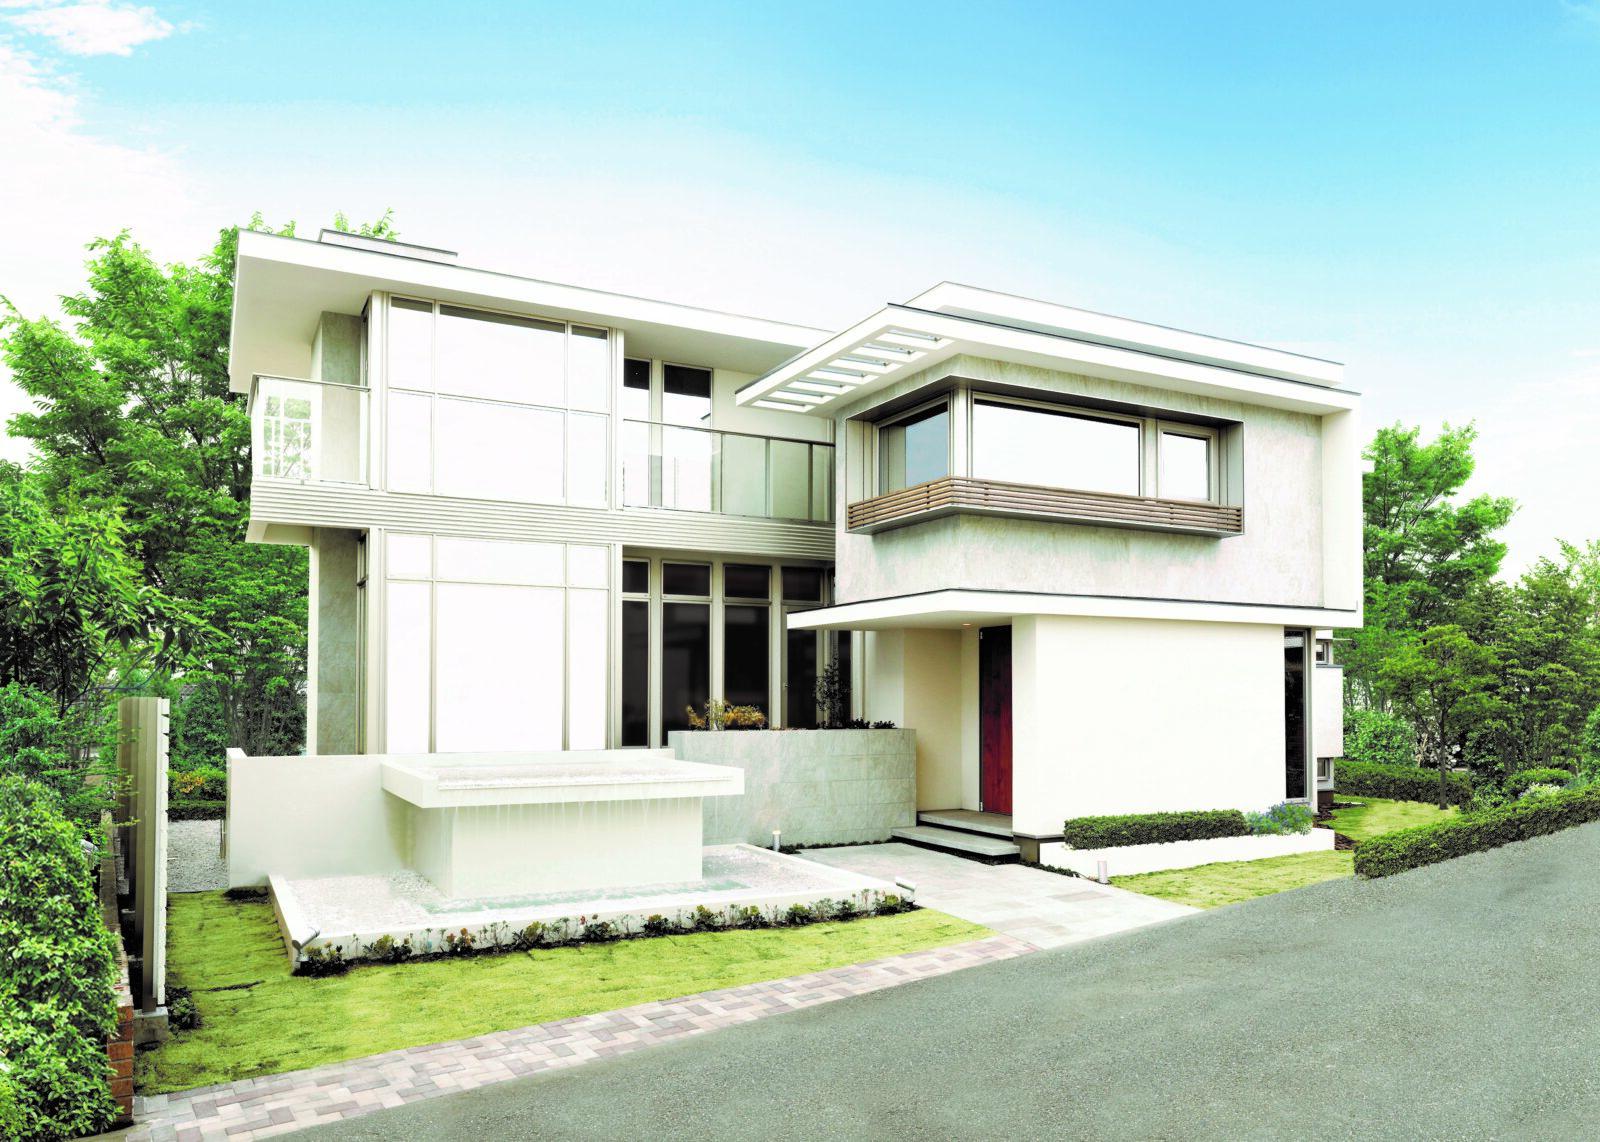 北九州の高級デザイン住宅新築外観スタイル「インテグラル」【オーガニックハウス北九州中央】